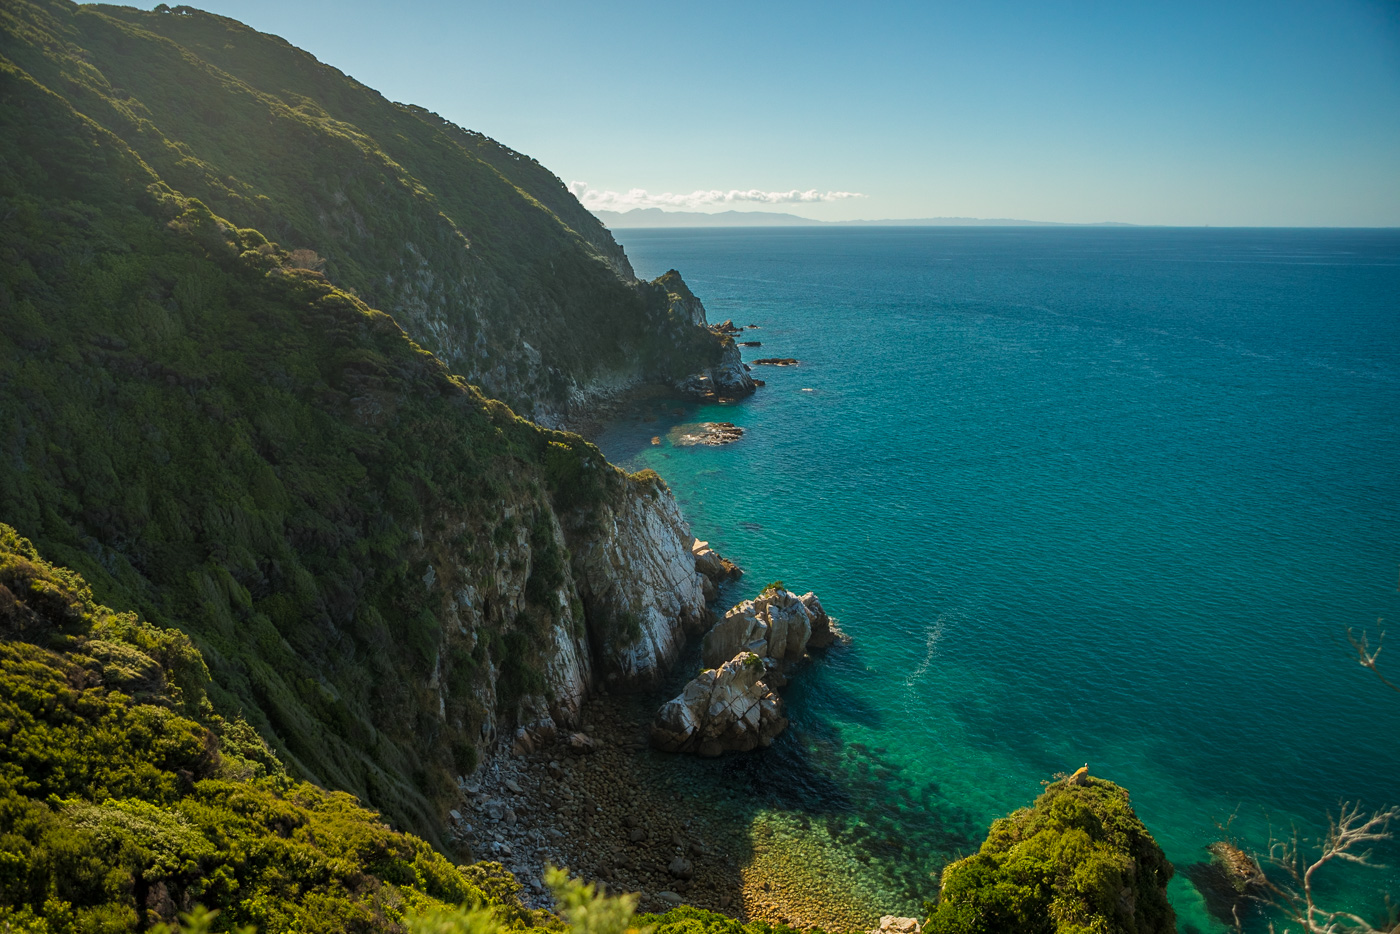 Abel Tasman coastline. Reminds me of Big Sur